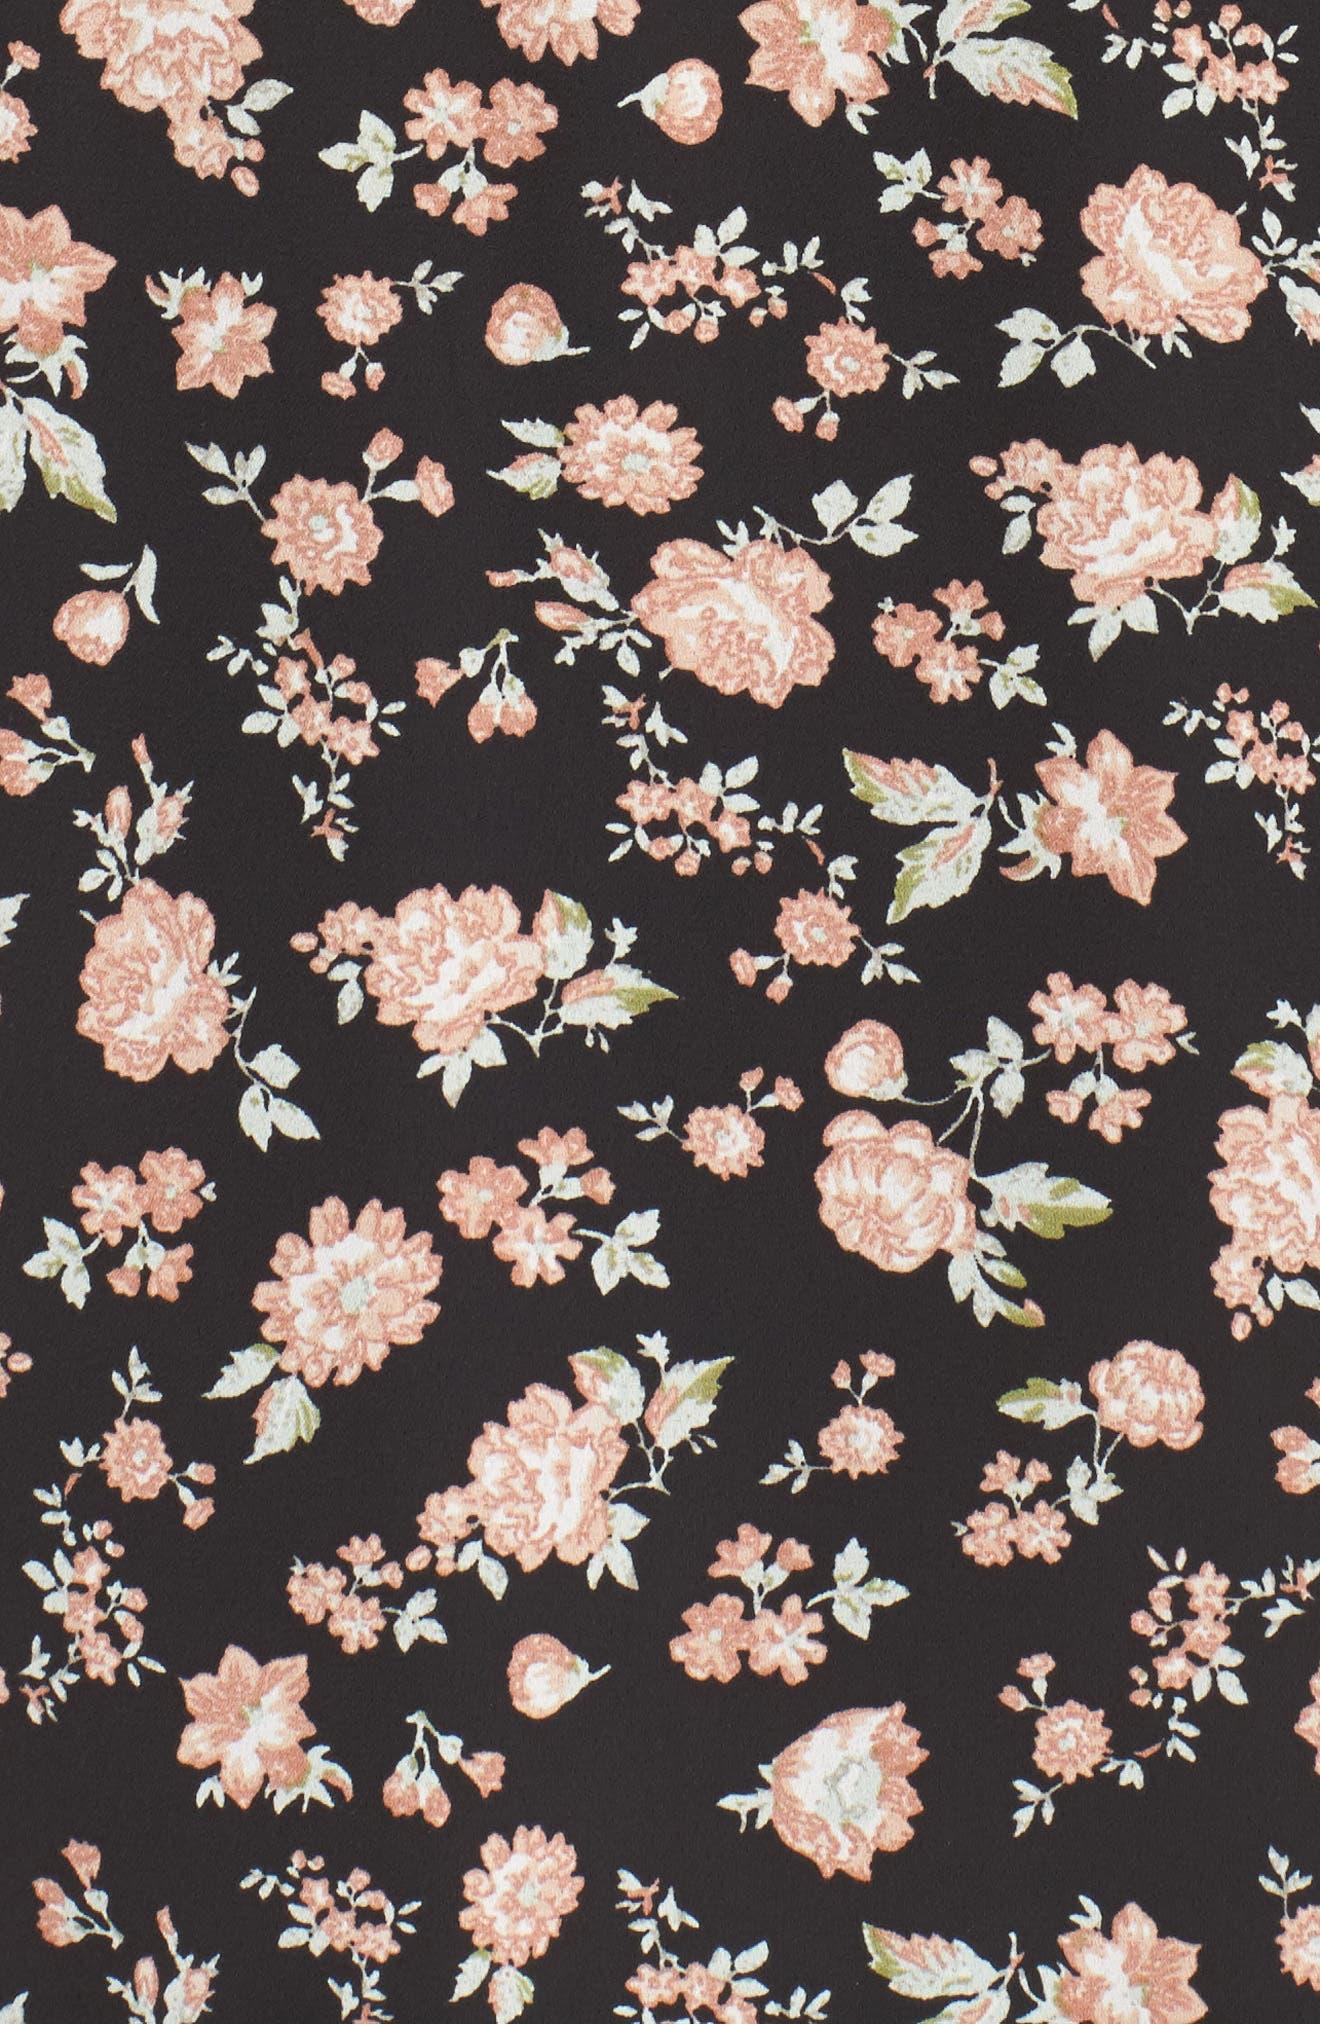 Floral Wrap Dress,                             Alternate thumbnail 5, color,                             001